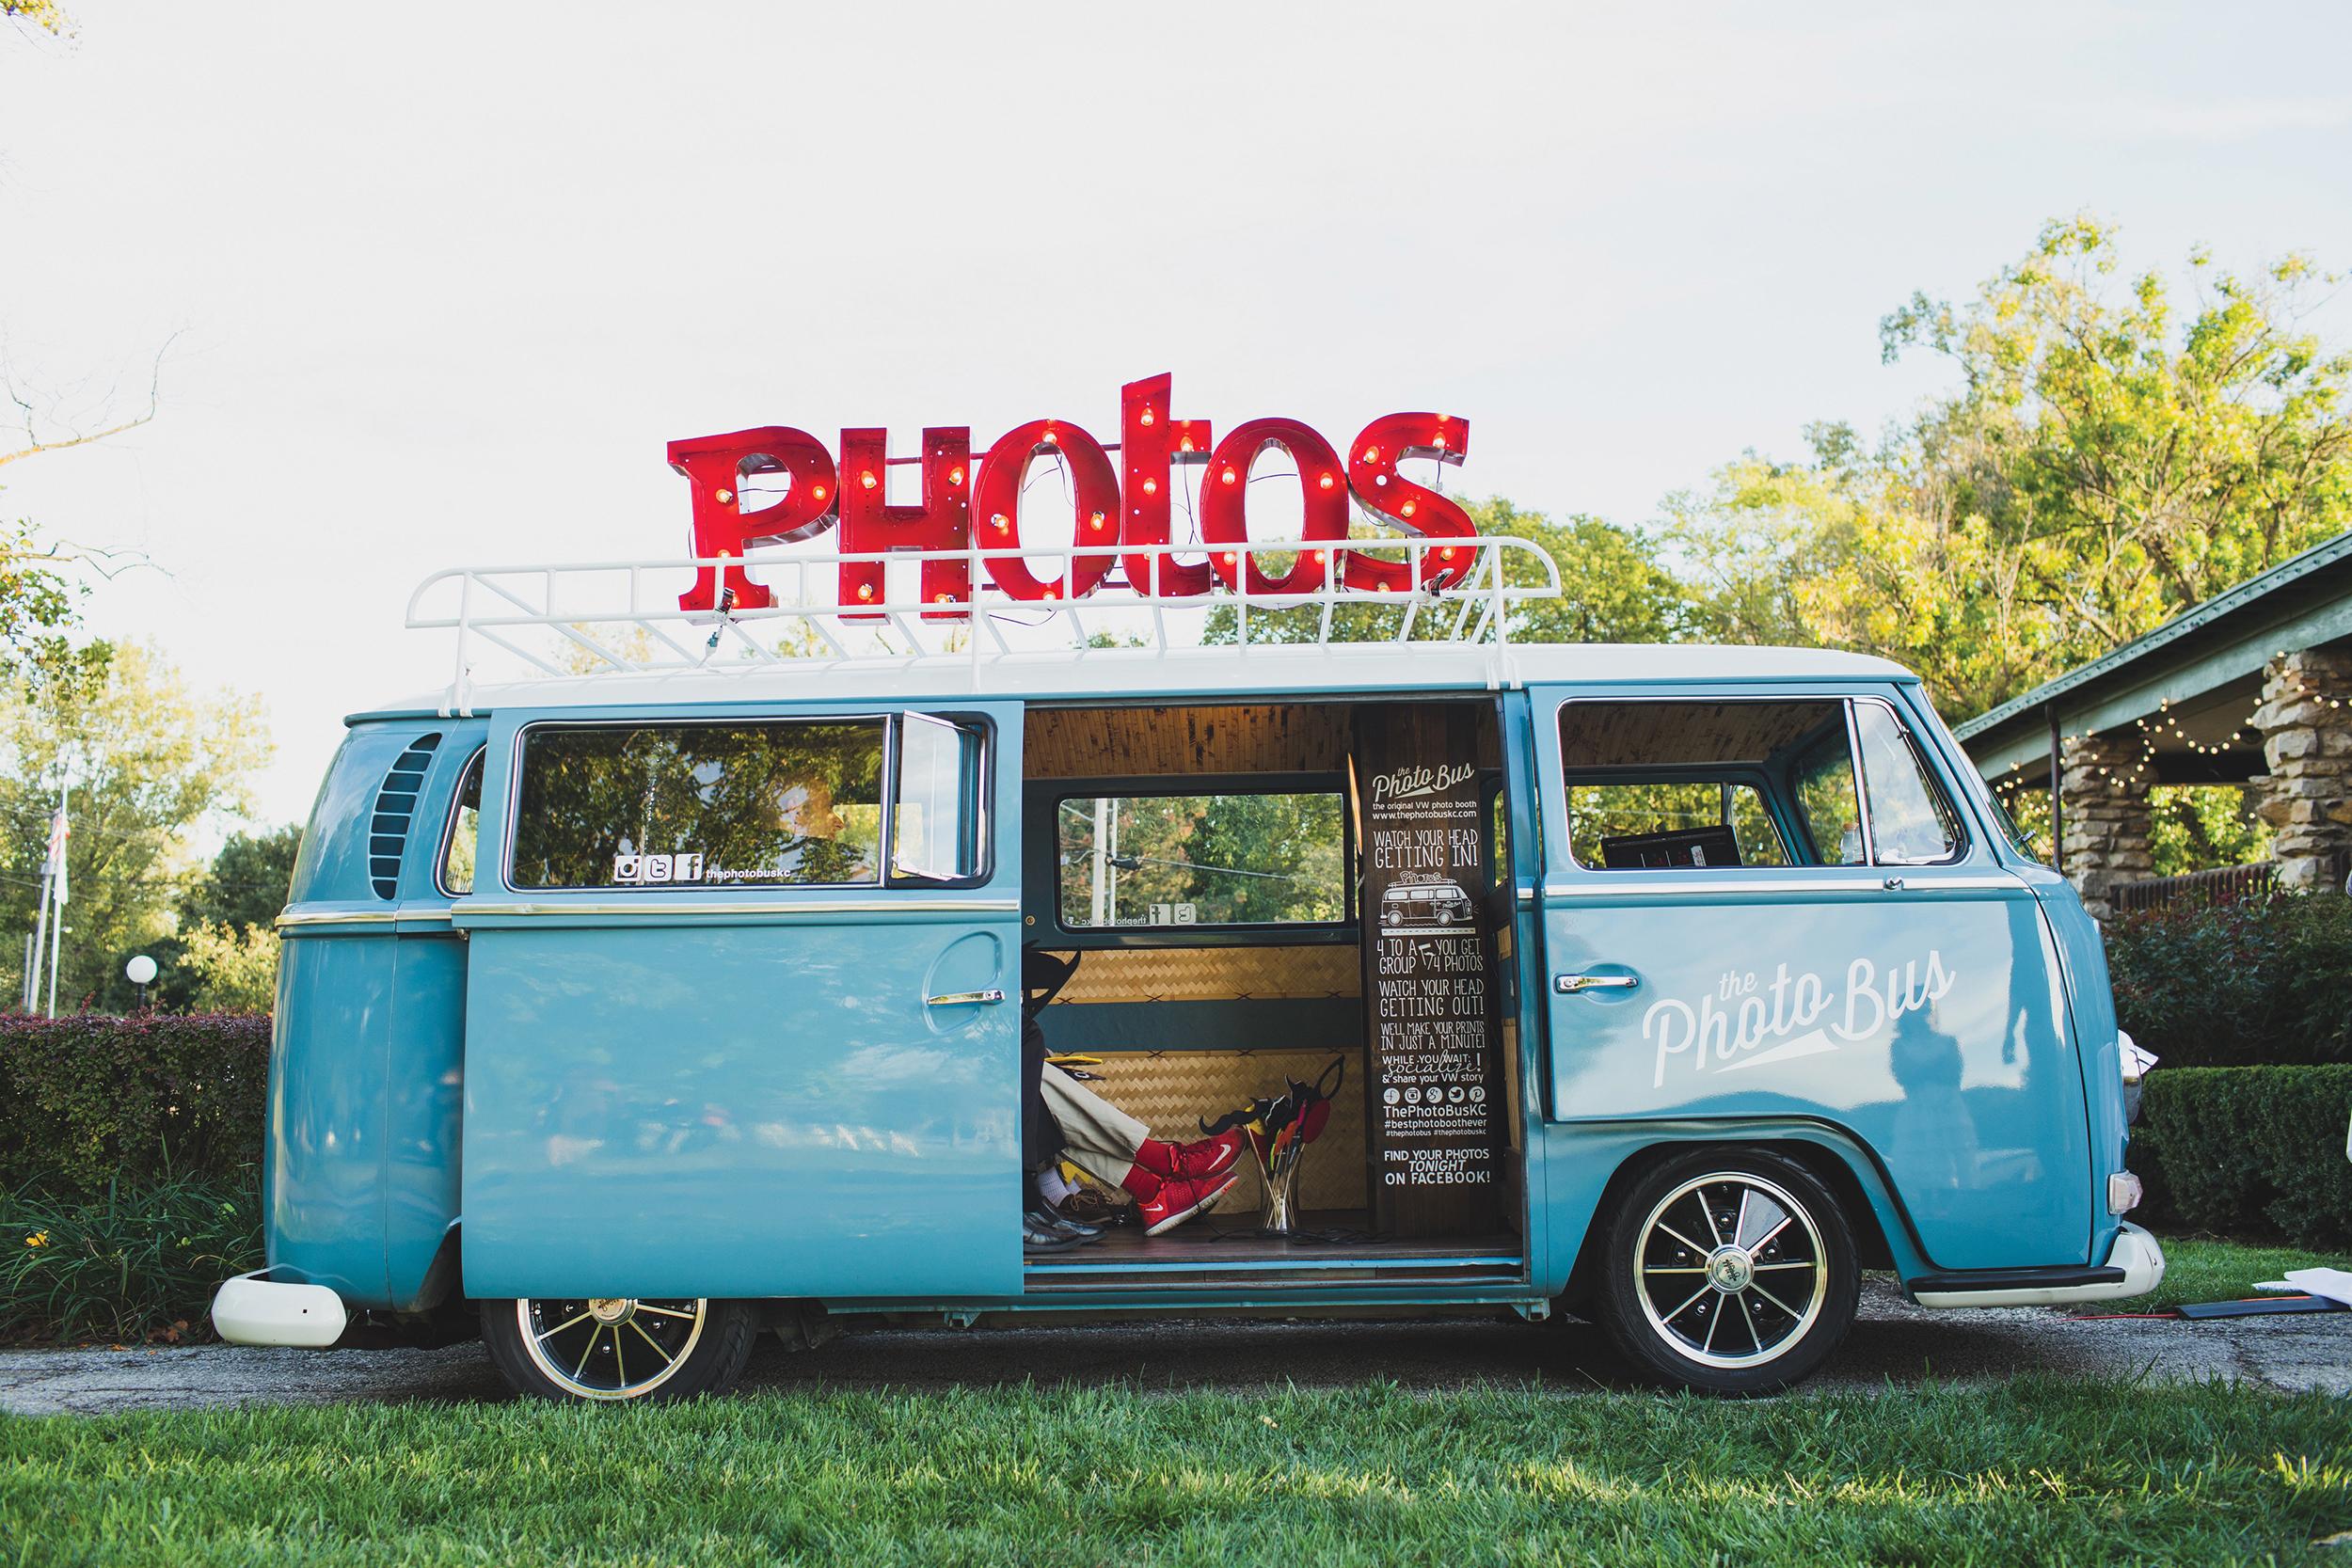 The Photo Bus Kansas City